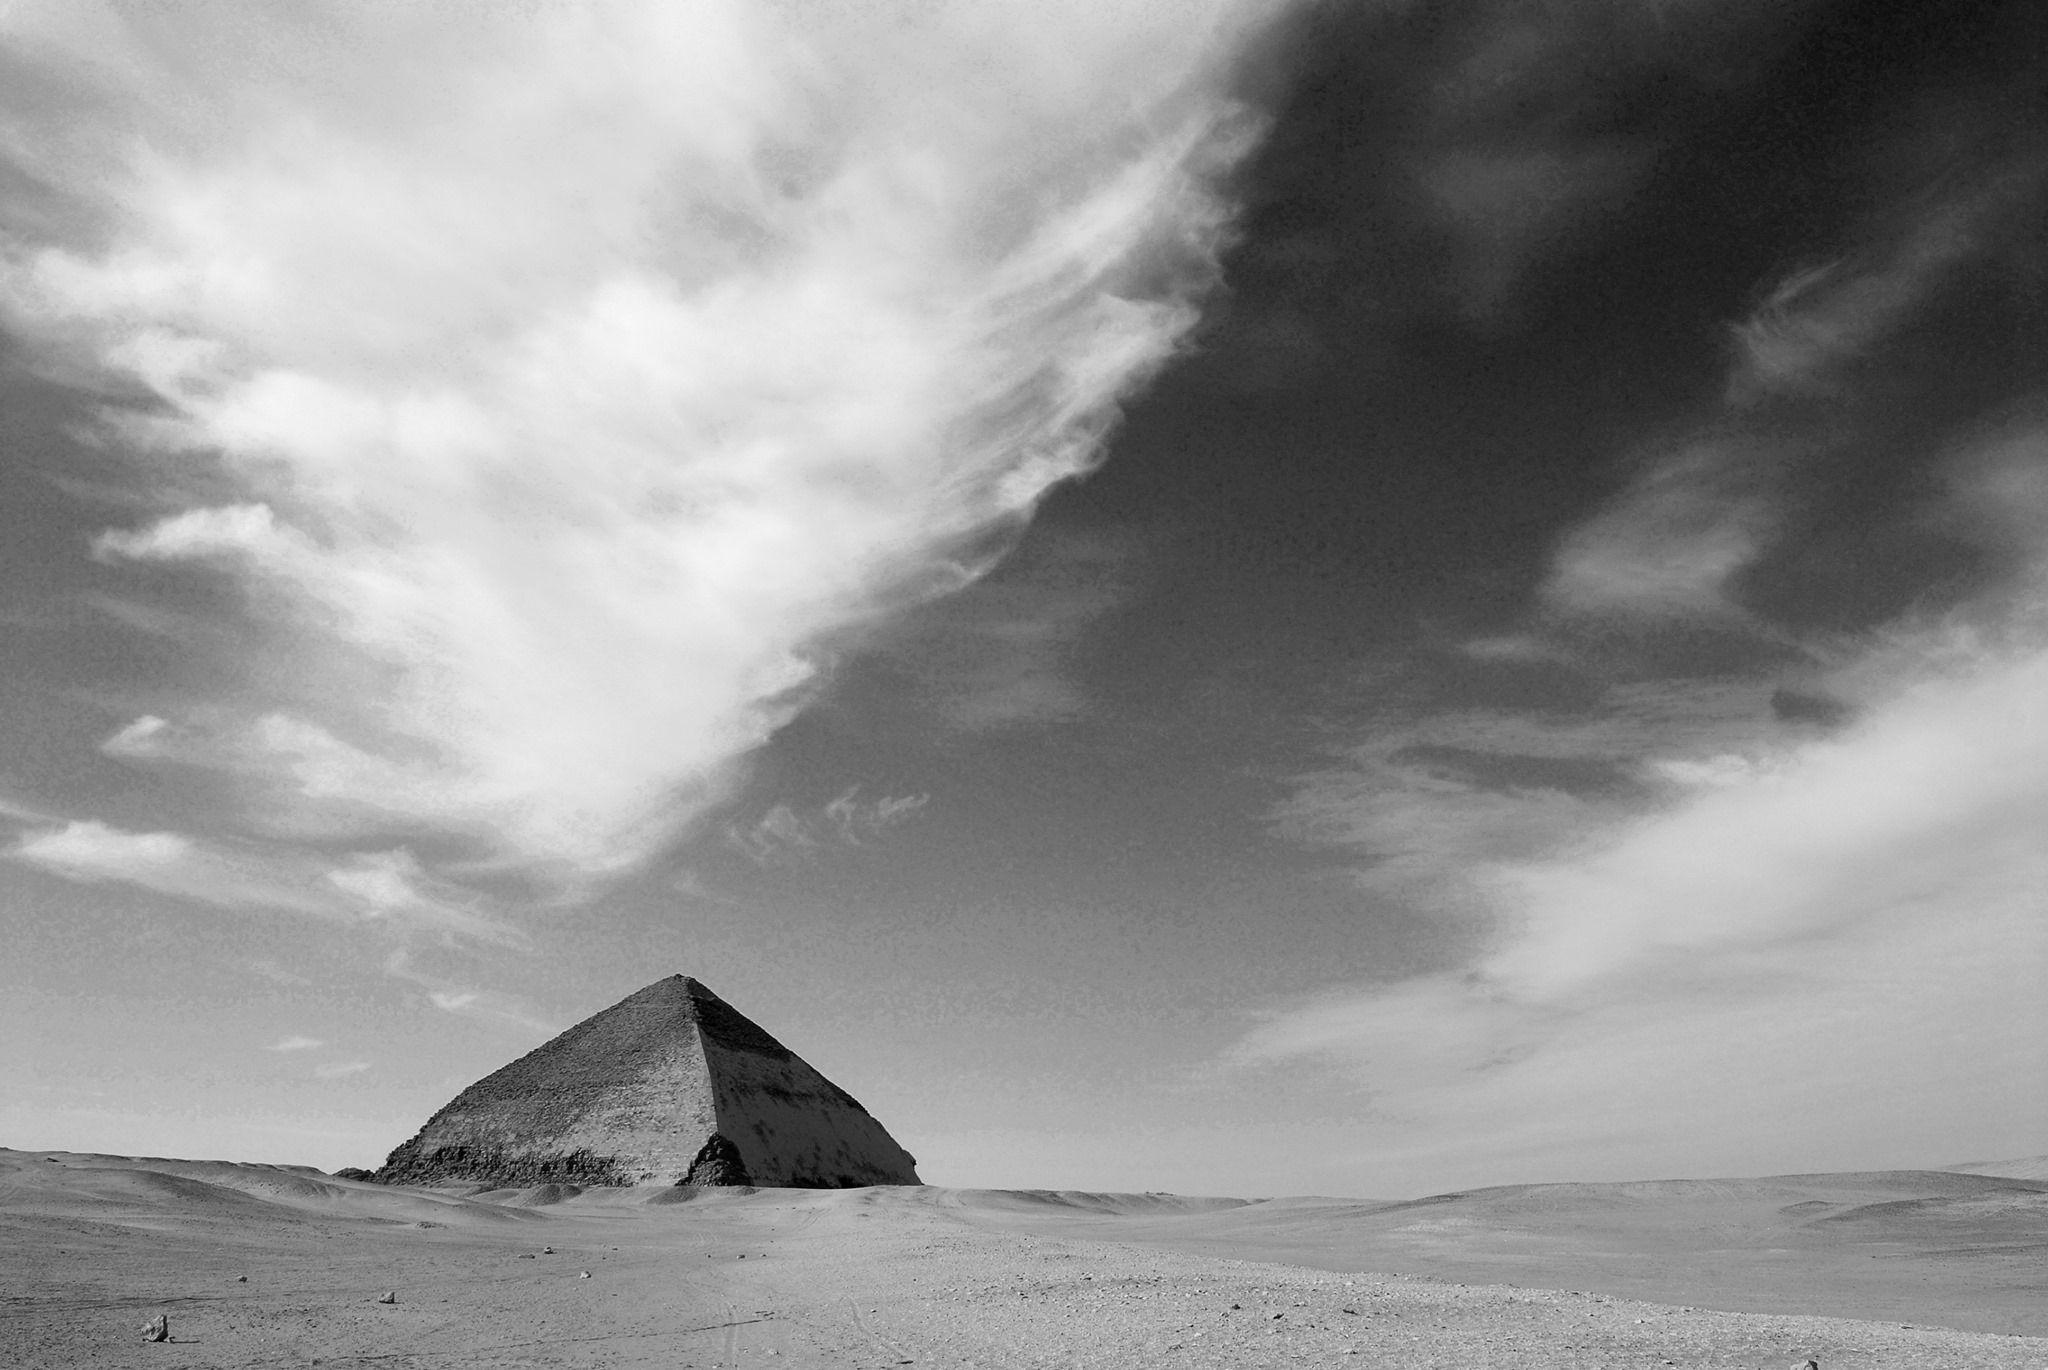 Egipatska zbirka AMZ-a: Mala povijest Obiteljske pogrebne stele oštećene u potresu